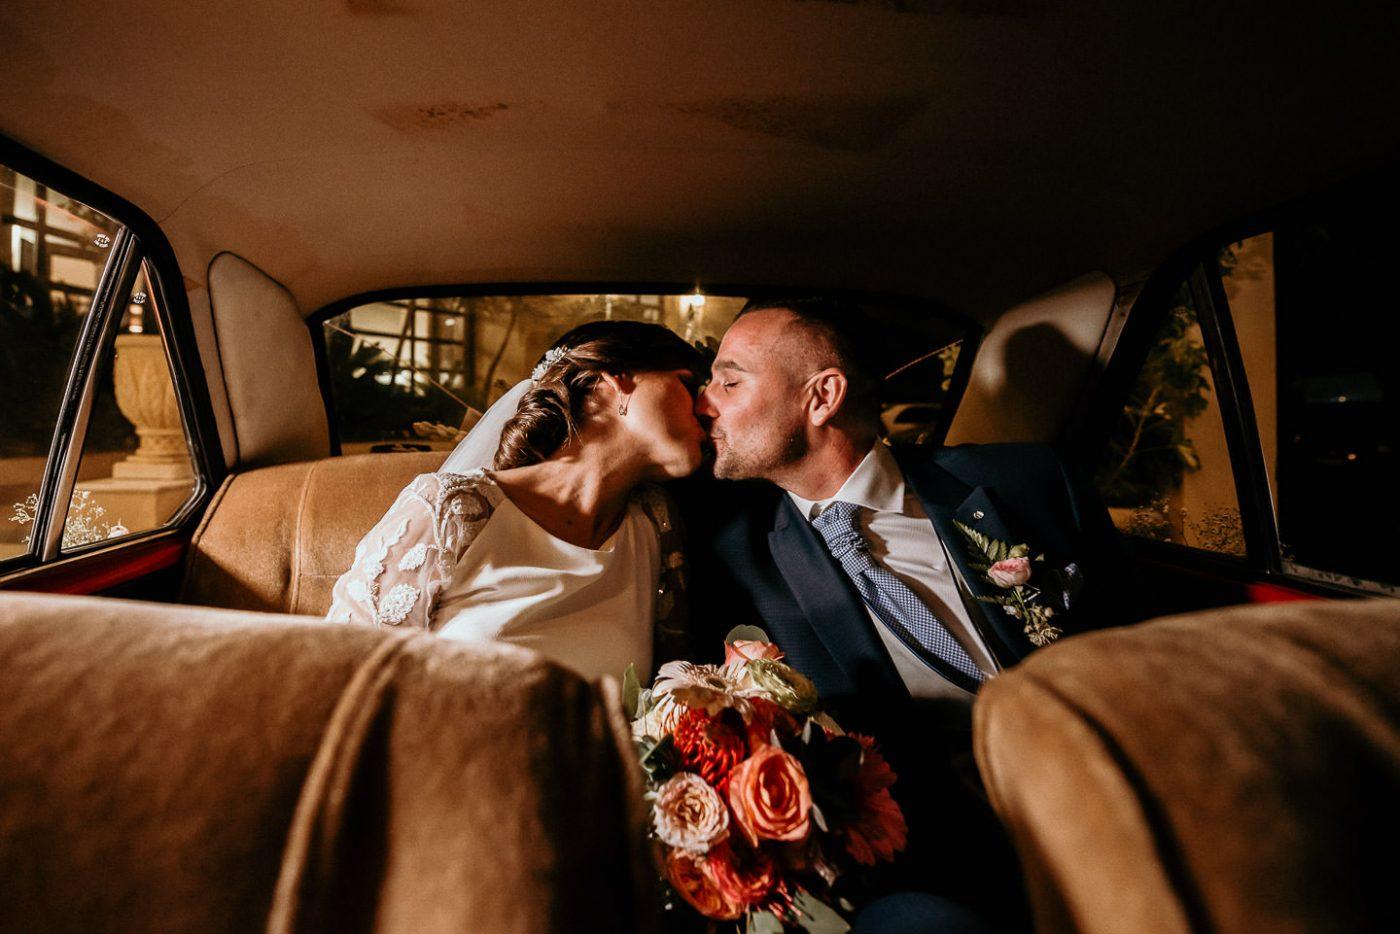 Fotografía de bodas, fotógrafo de bodas en Jaén